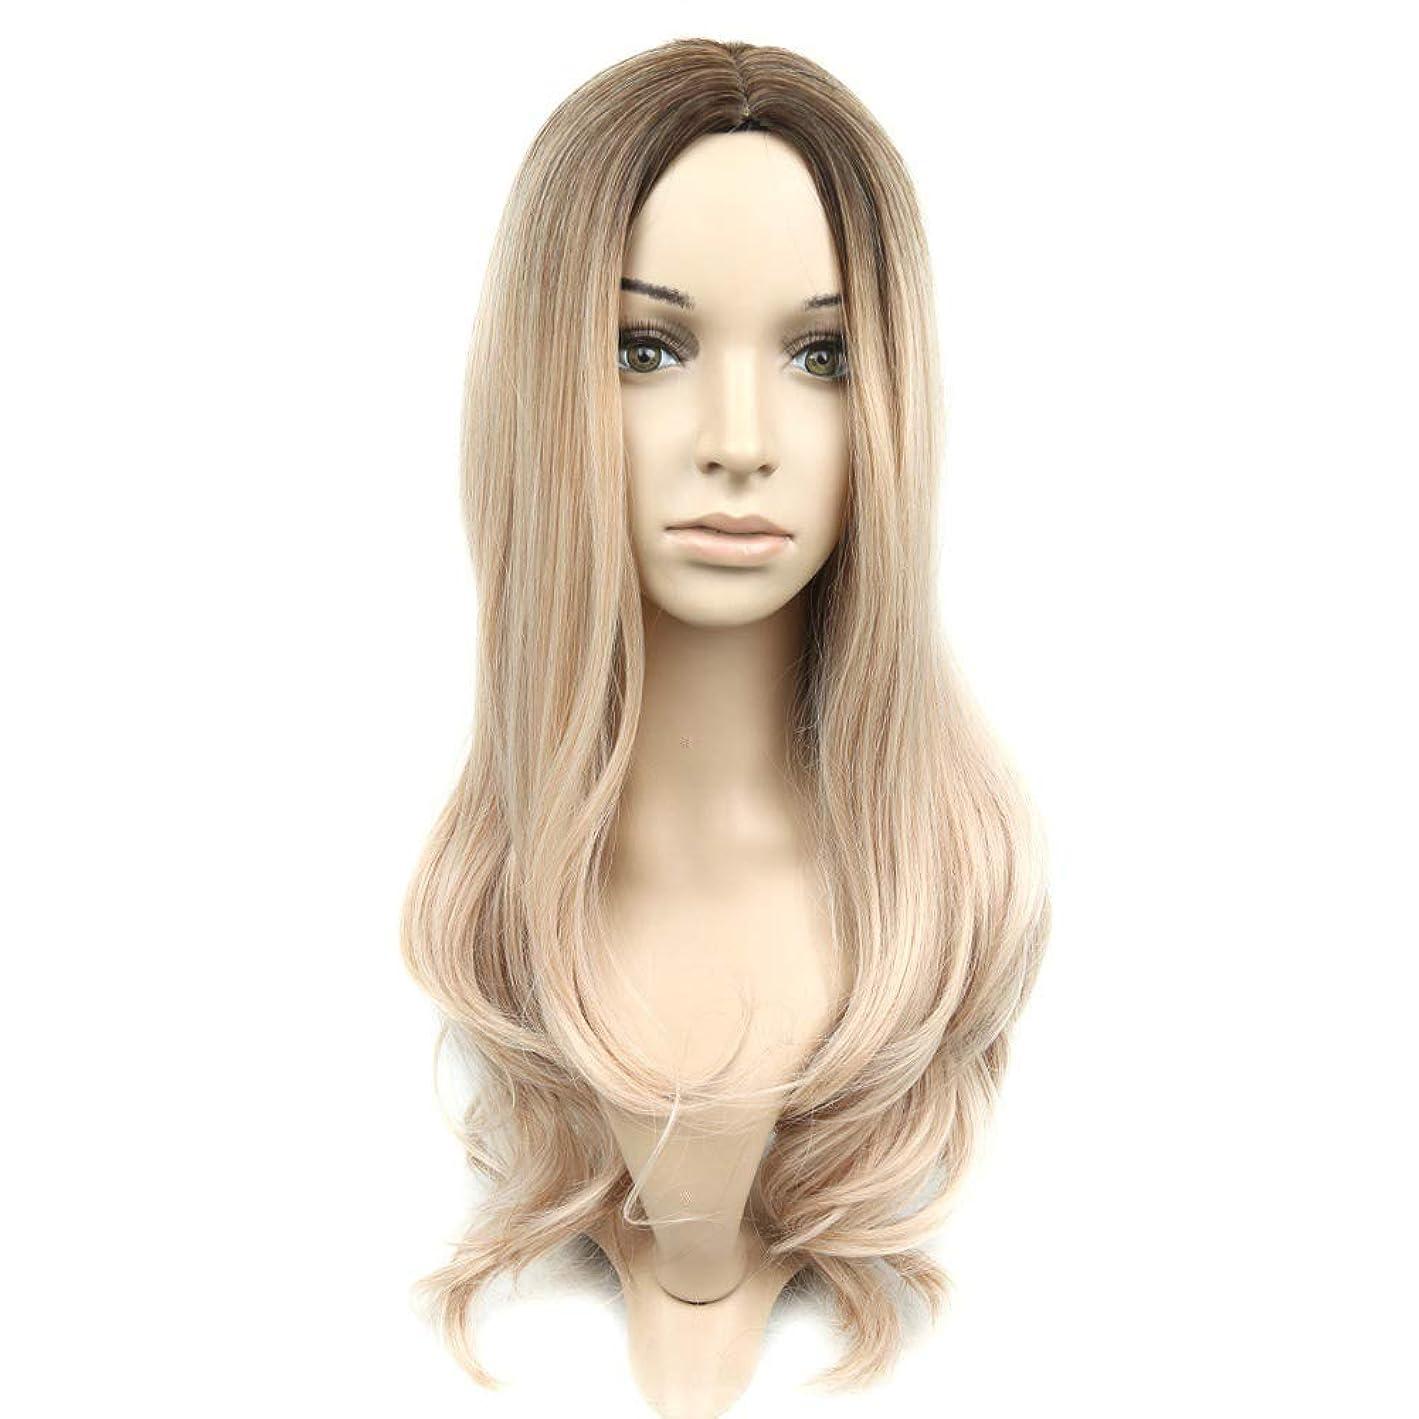 実質的下品ストレスslQinjiansav女性ウィッグ修理ツールファッション女性ロングカーリー合成フルヘアウィッグヘアピースパーティーコスプレ小道具